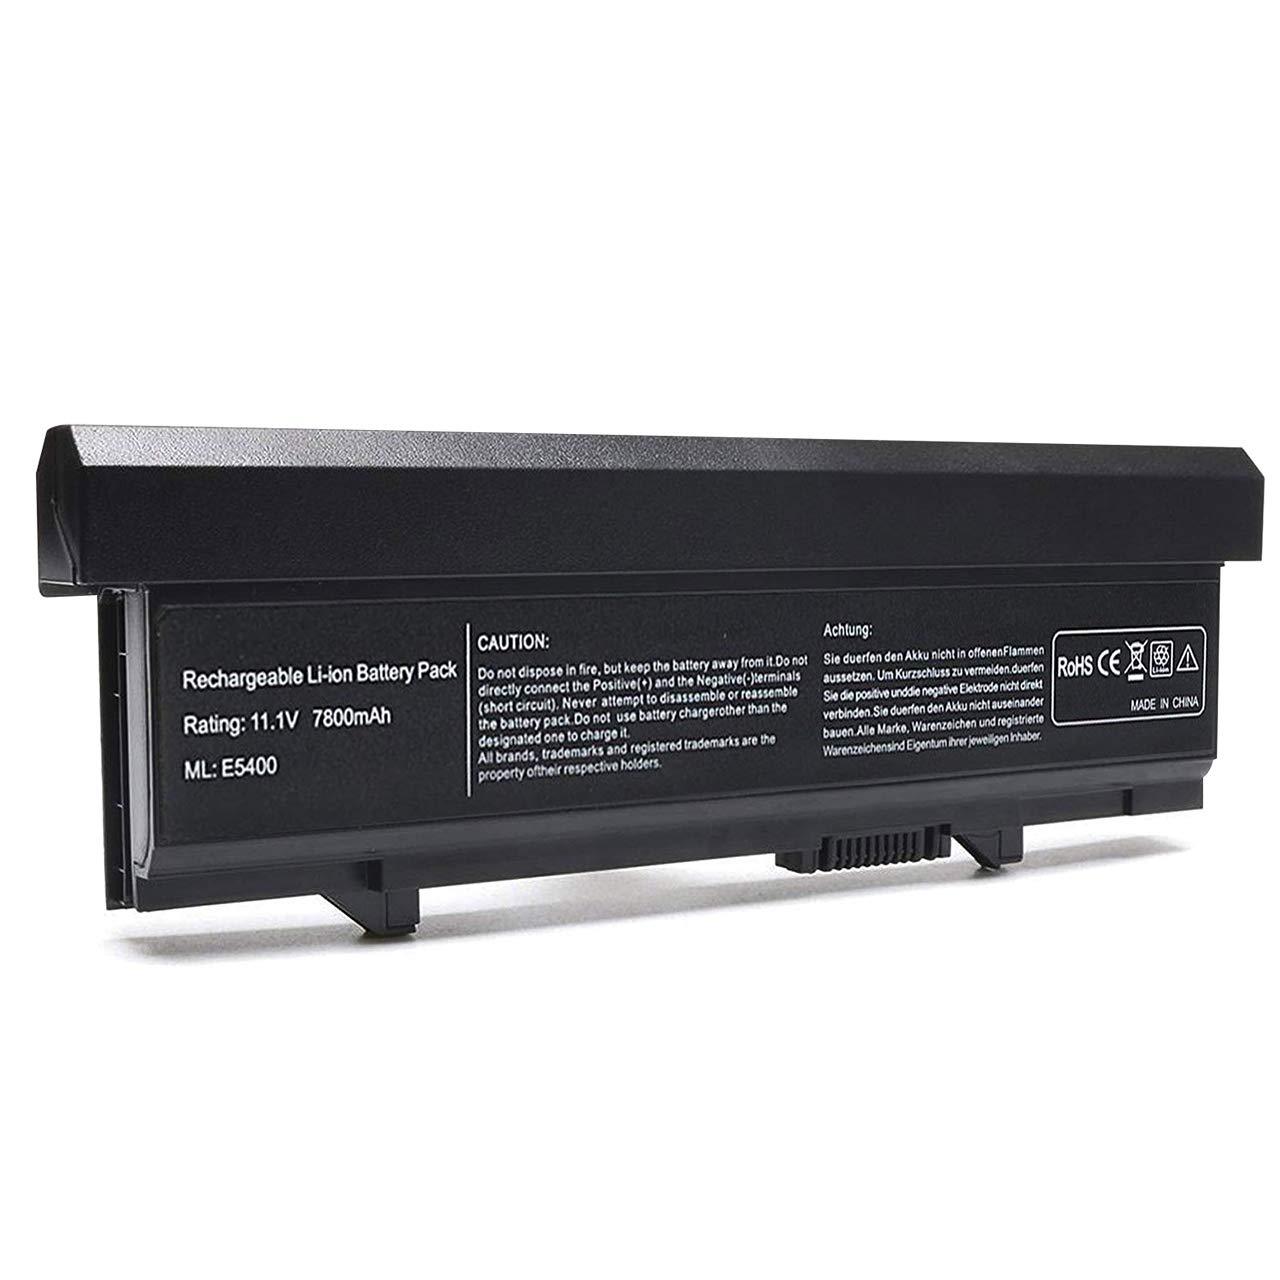 Bateria Dell Latitude E5400 E5410 E5500 Series P/N KM668 KM7